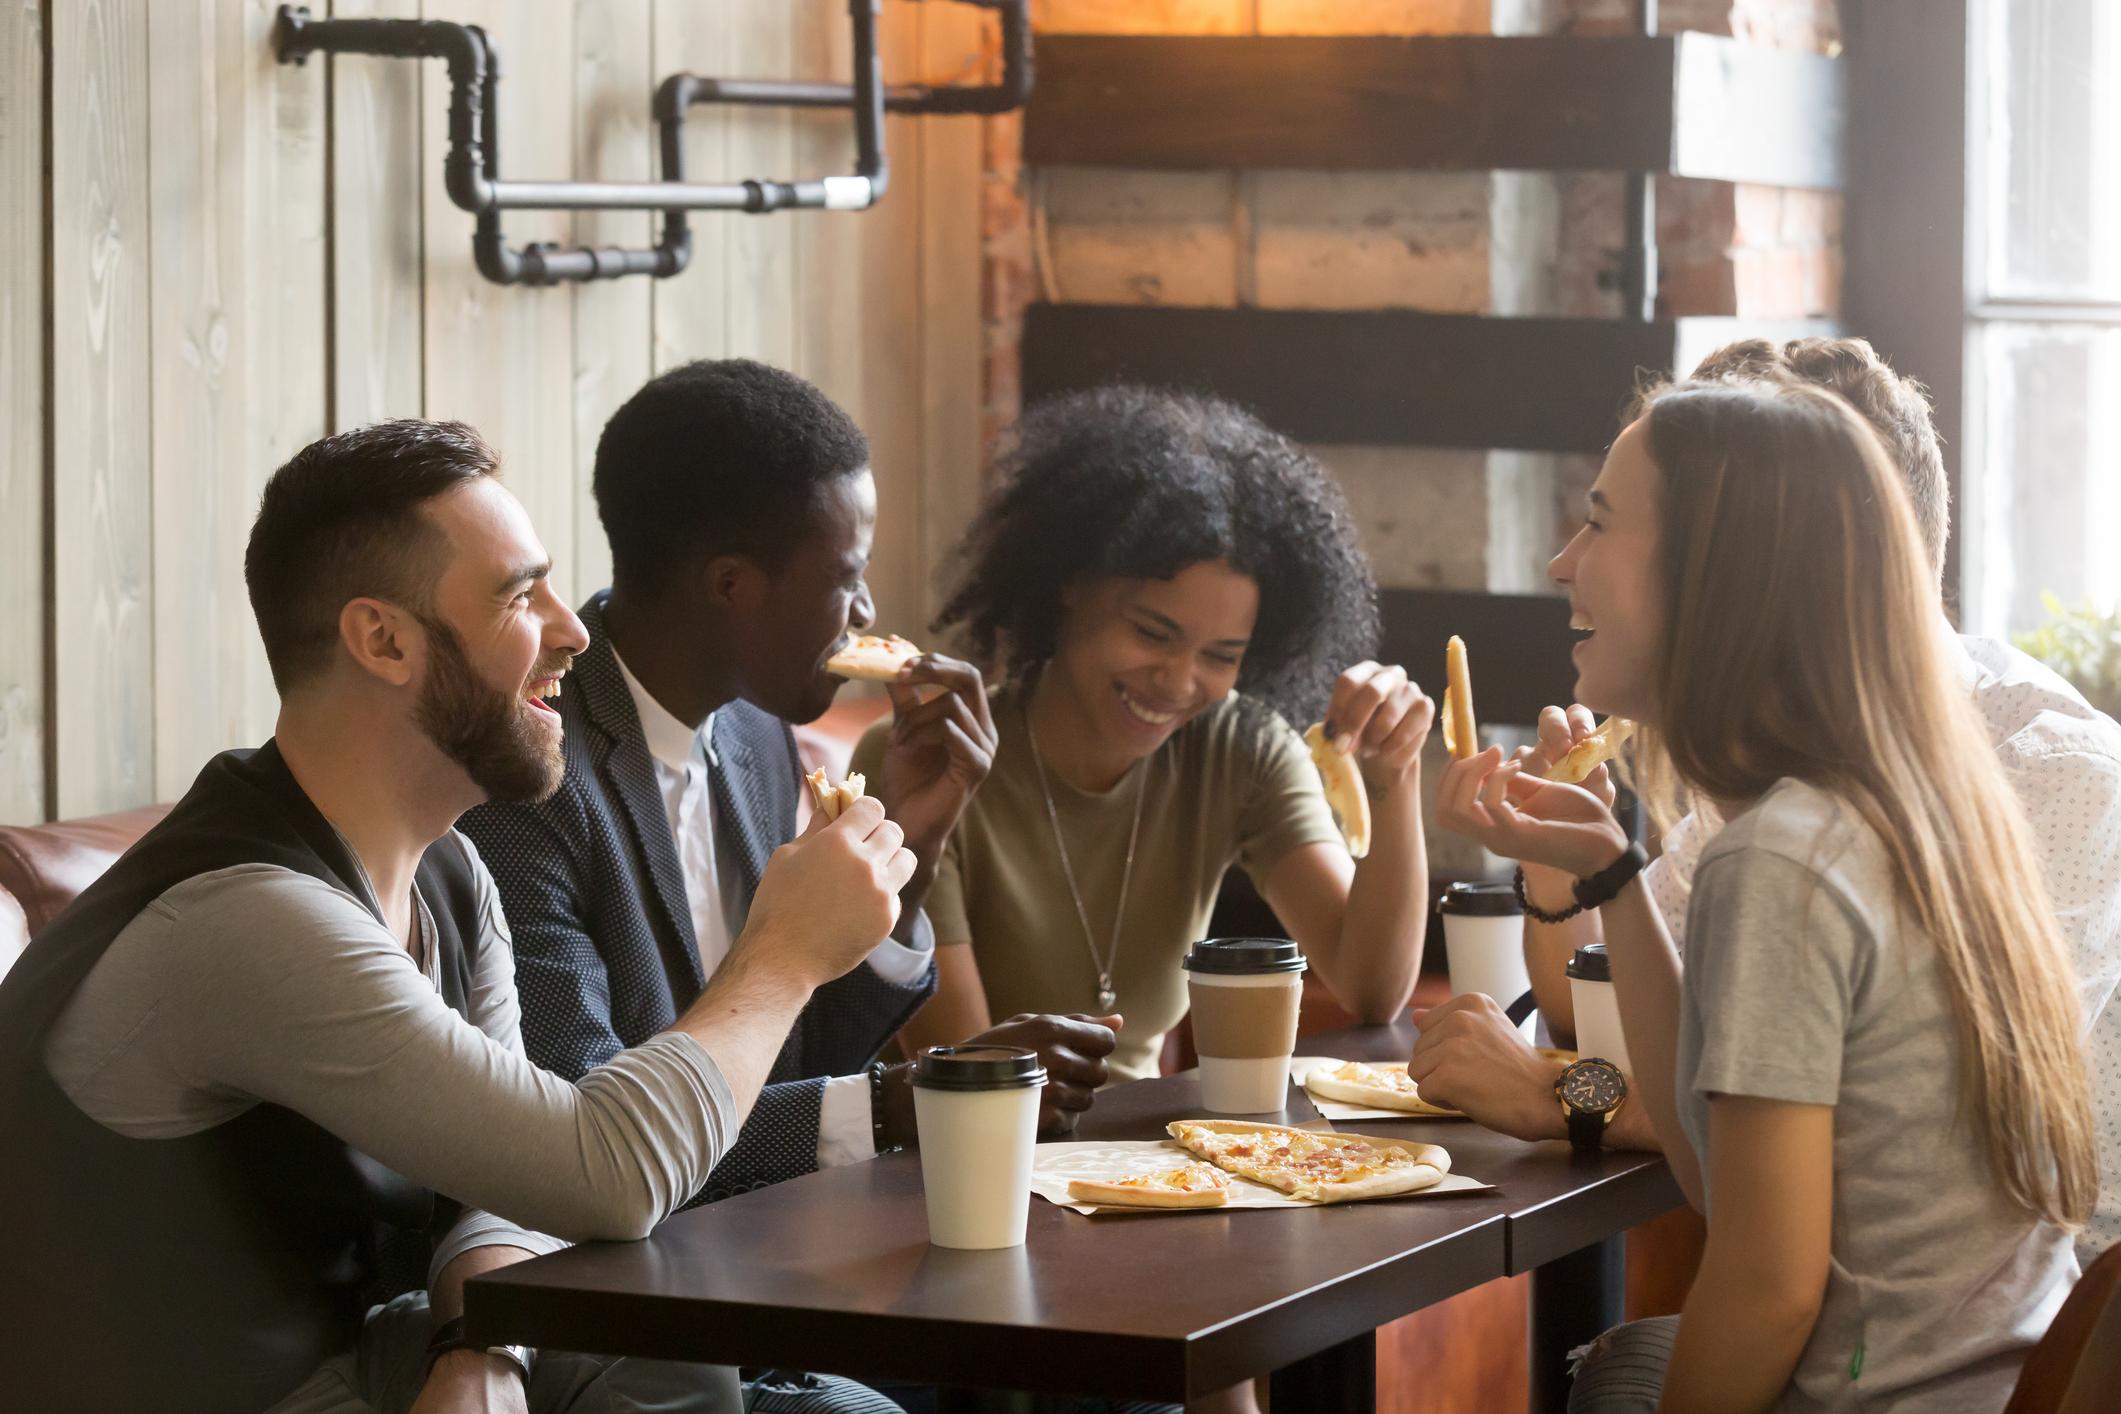 Millennials at lunch